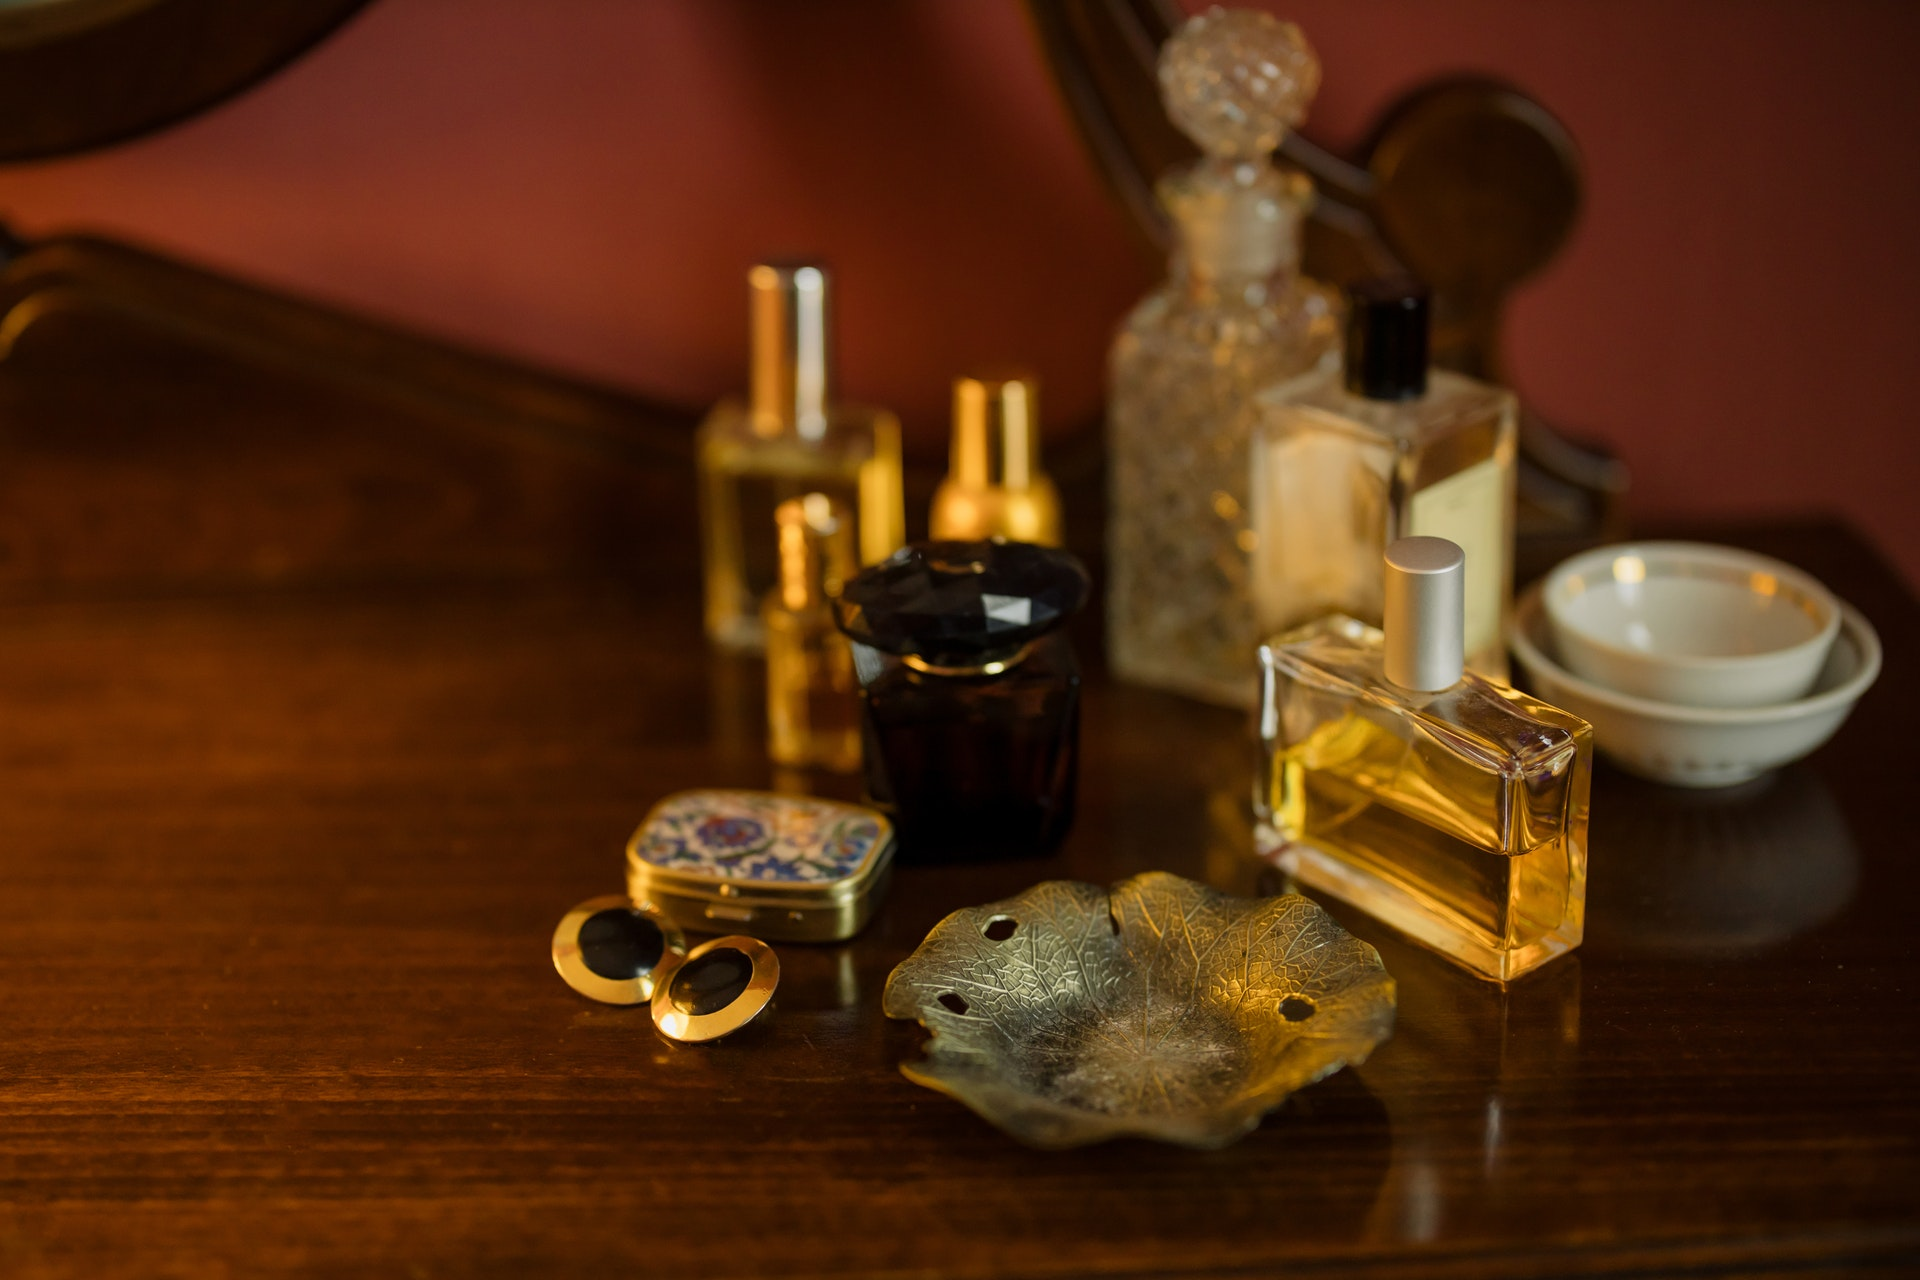 Vemos alguns vidros de perfume de diferentes tamanho sobre uma mesa de madeira (imagem ilustrativa).